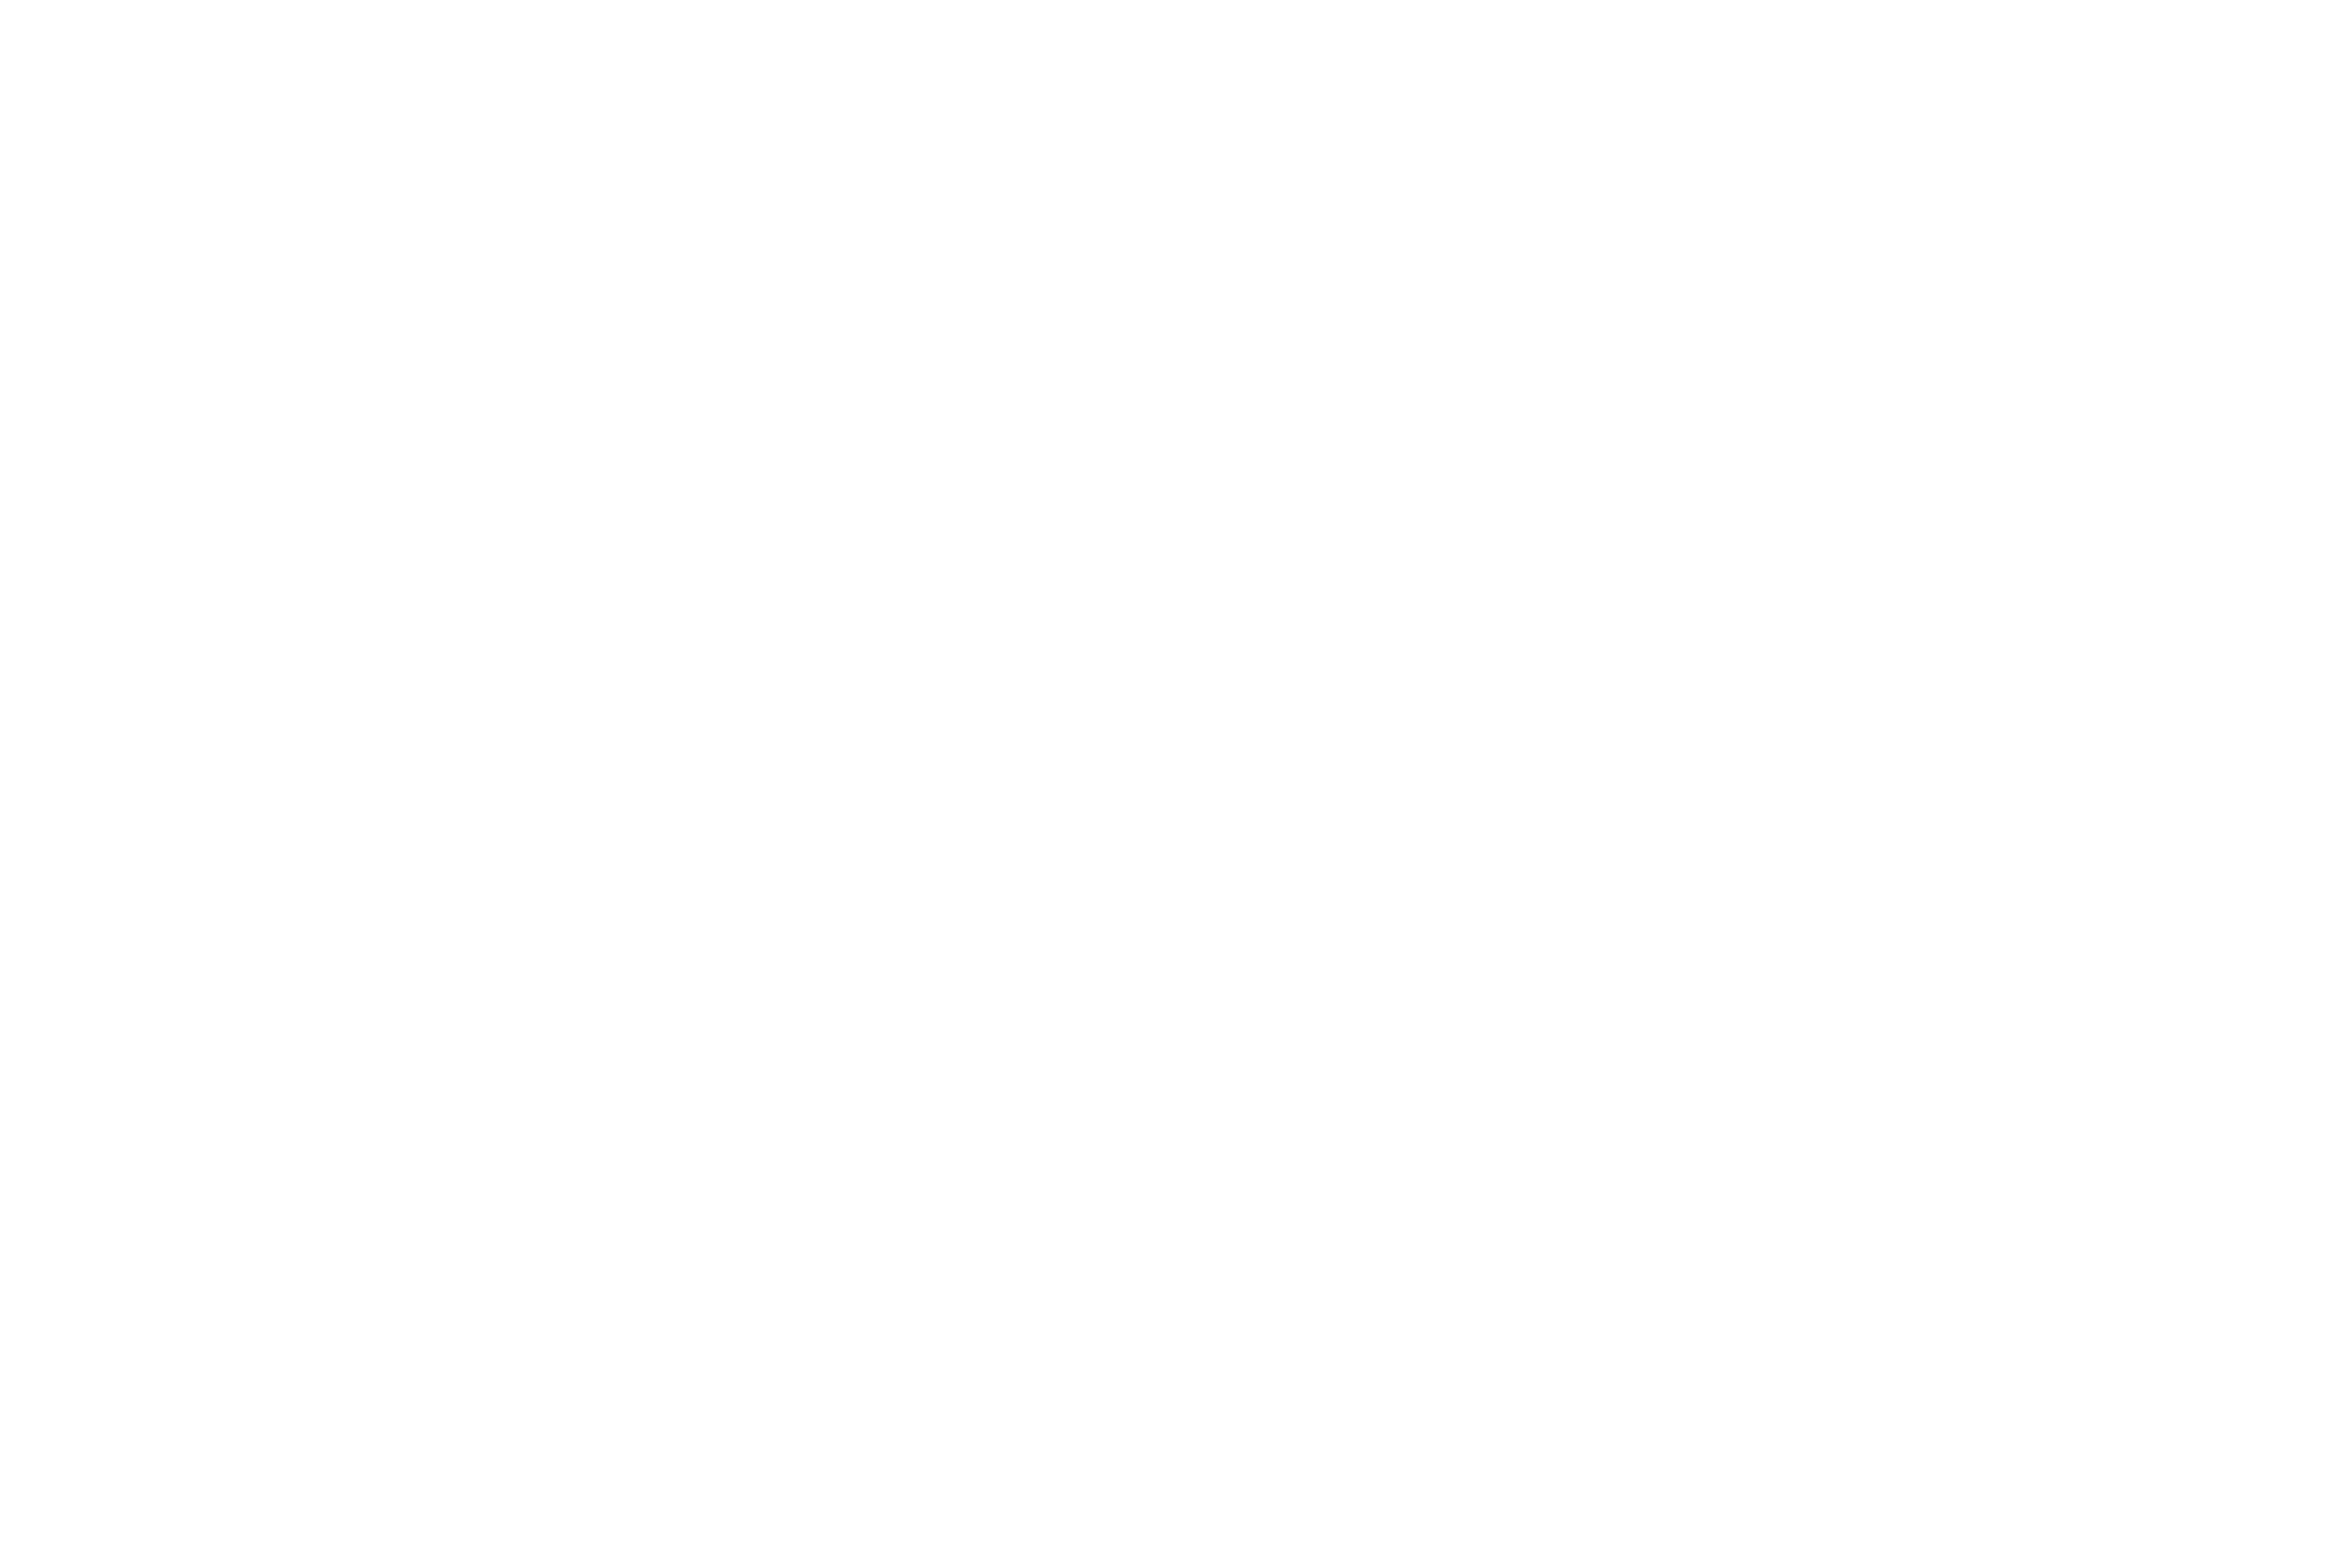 MEDIA INTERNATIONAL NEWS